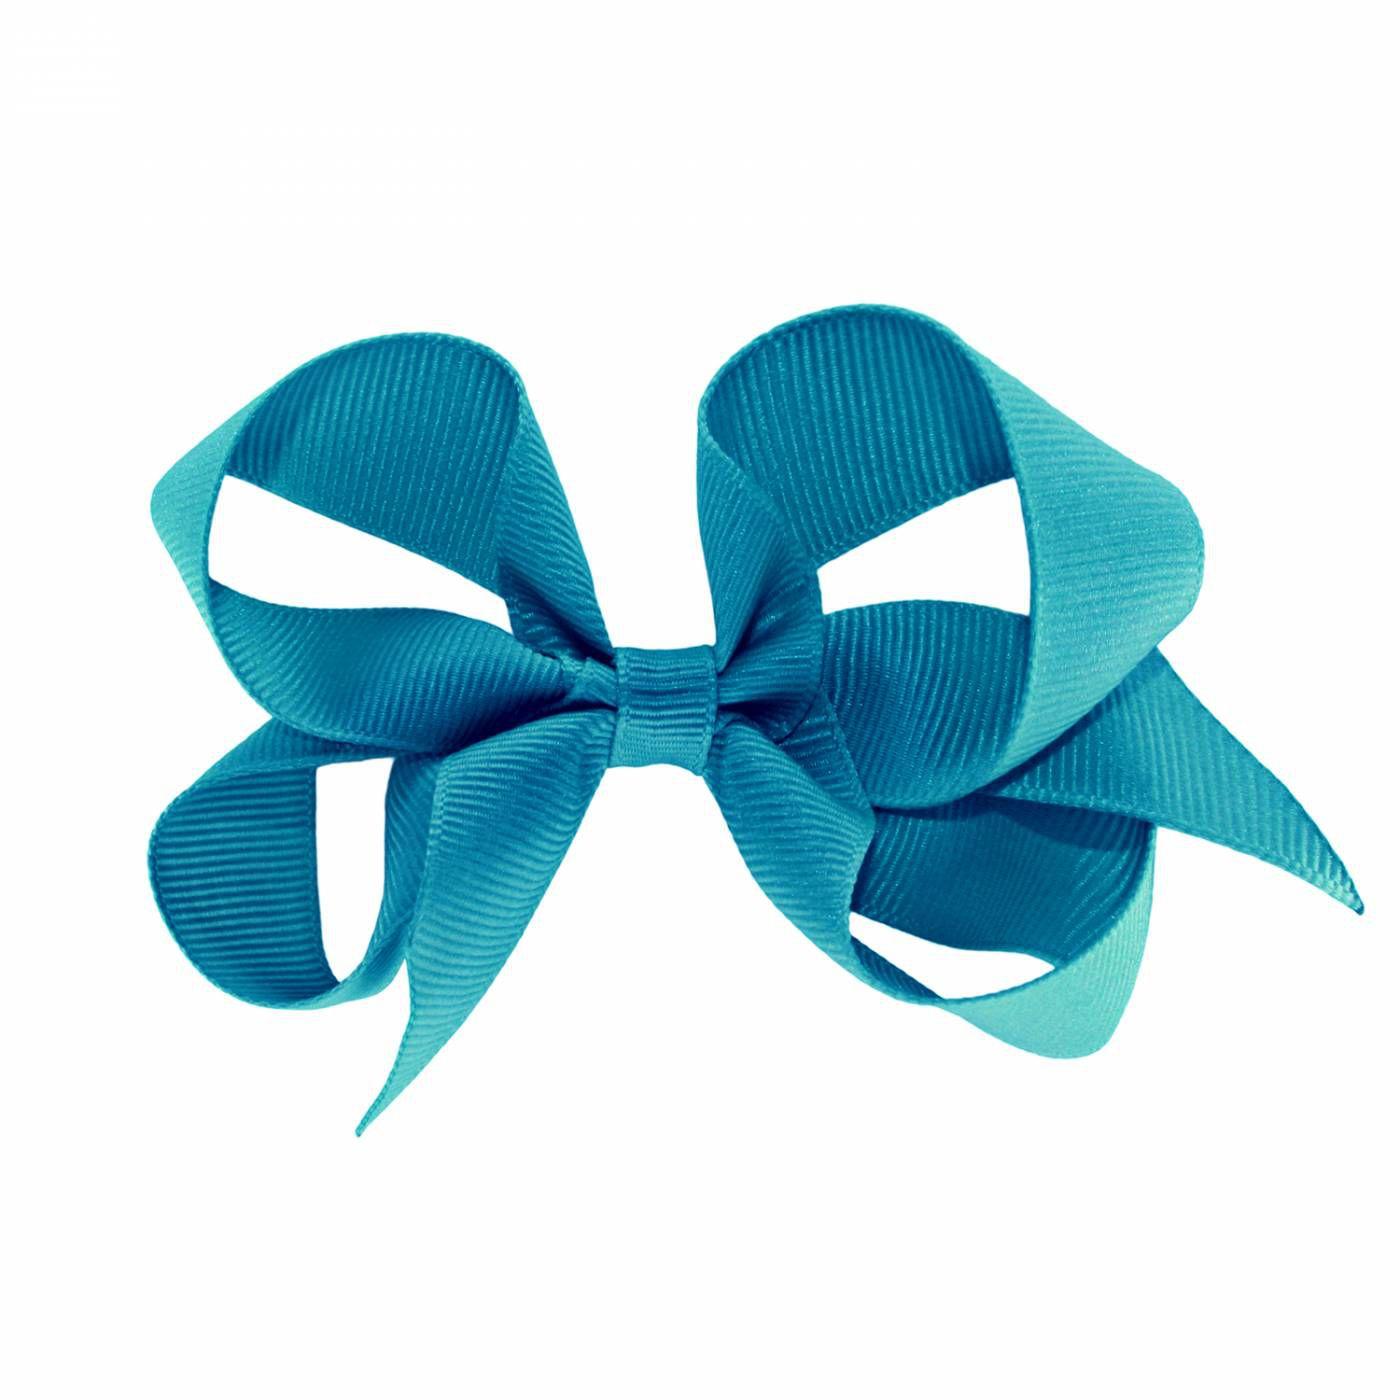 Laço de Cabelo  Azul Turquesa  - Gumii